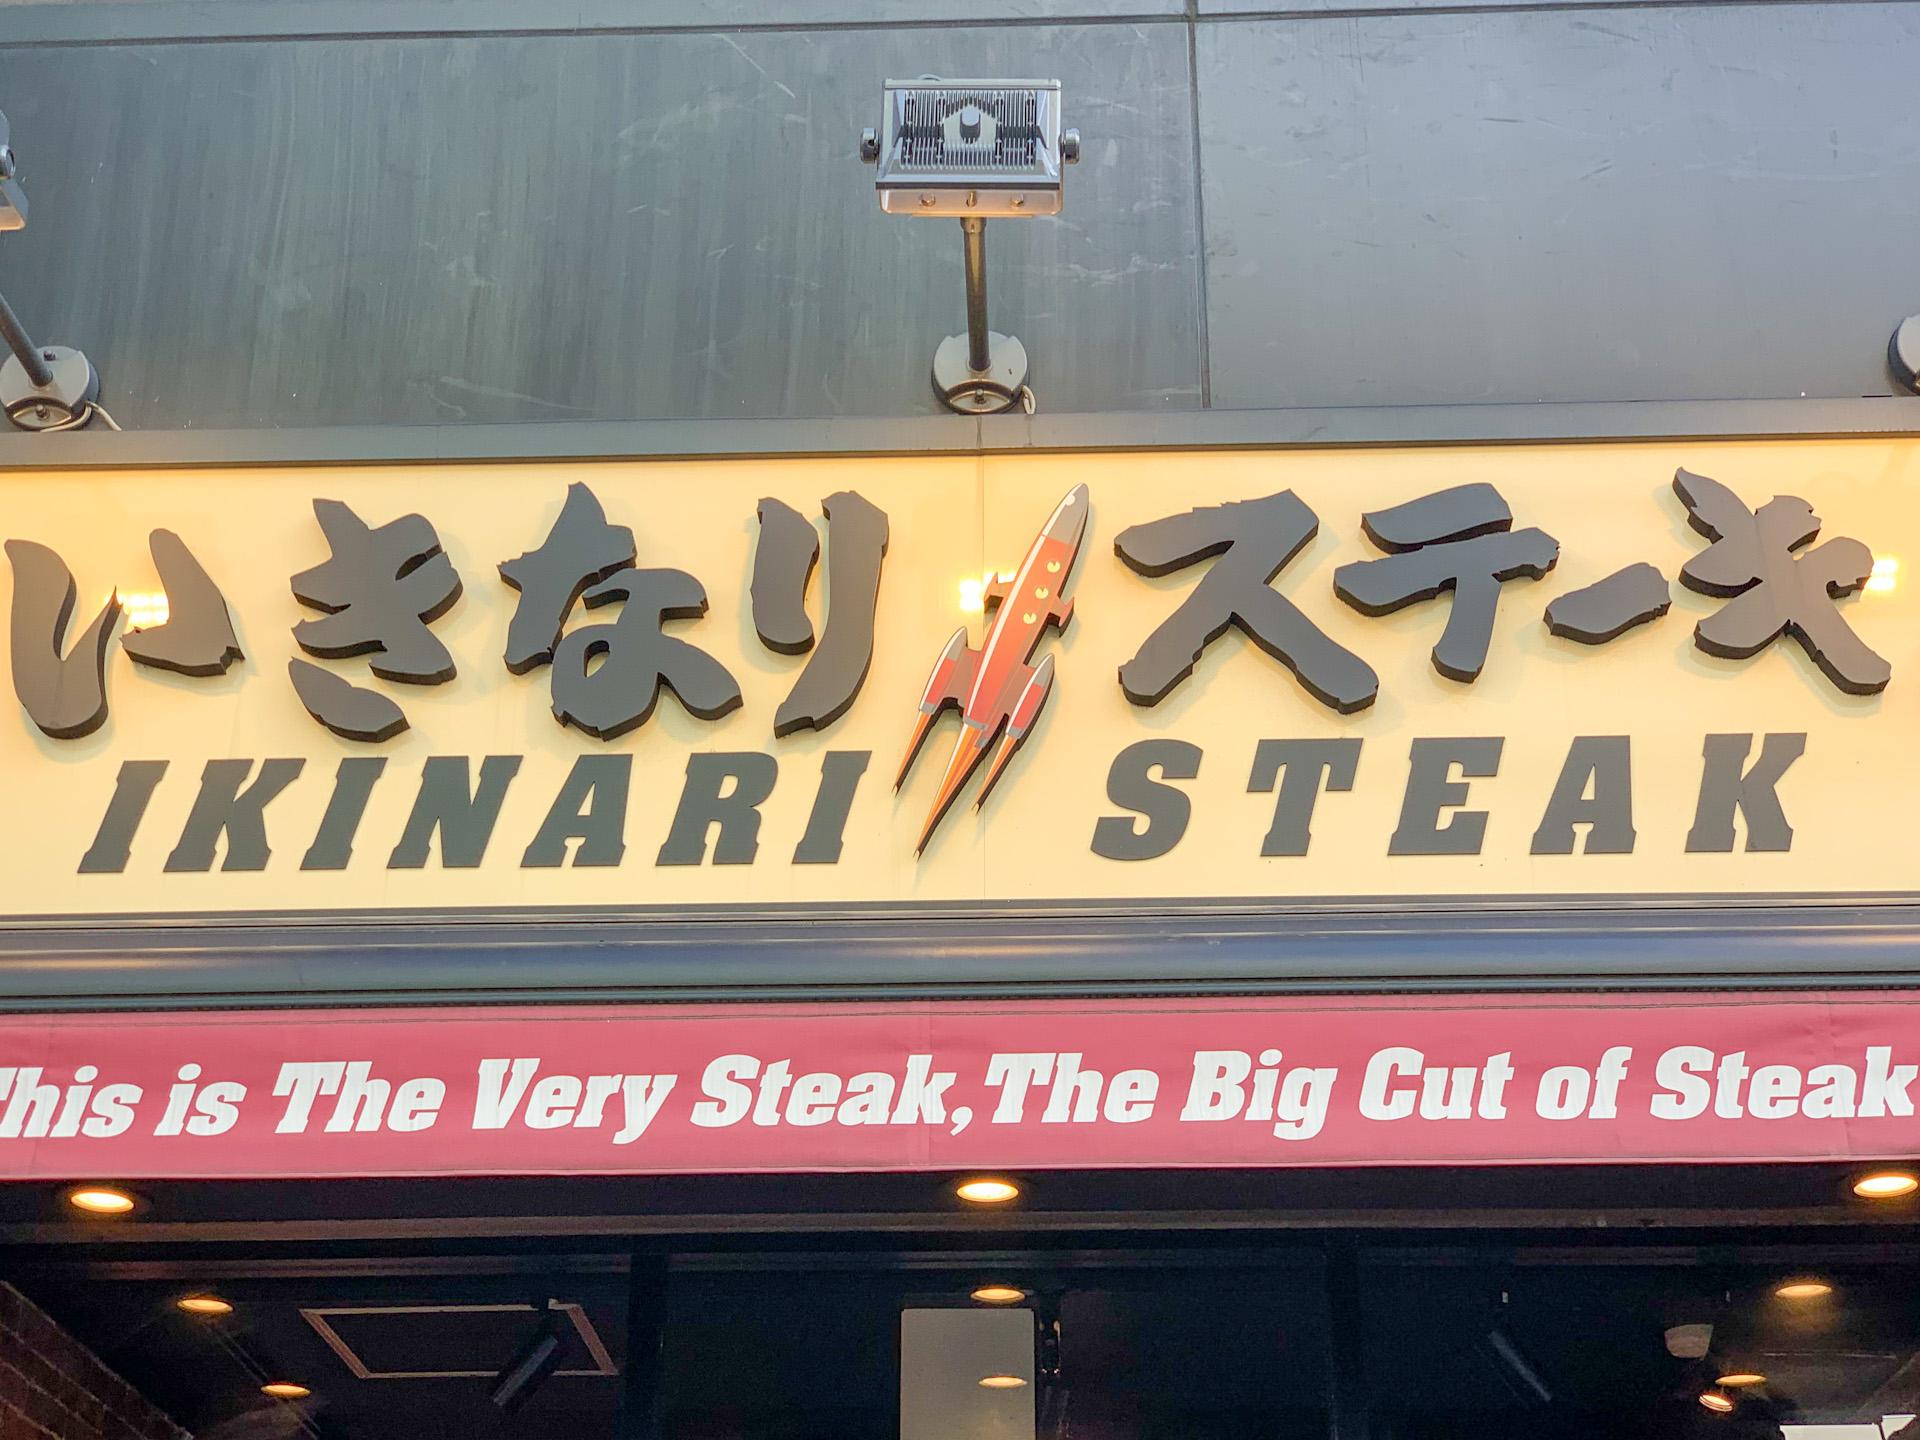 いきなりステーキはハンバーグも美味しい!口コミで話題のセットメニューは?